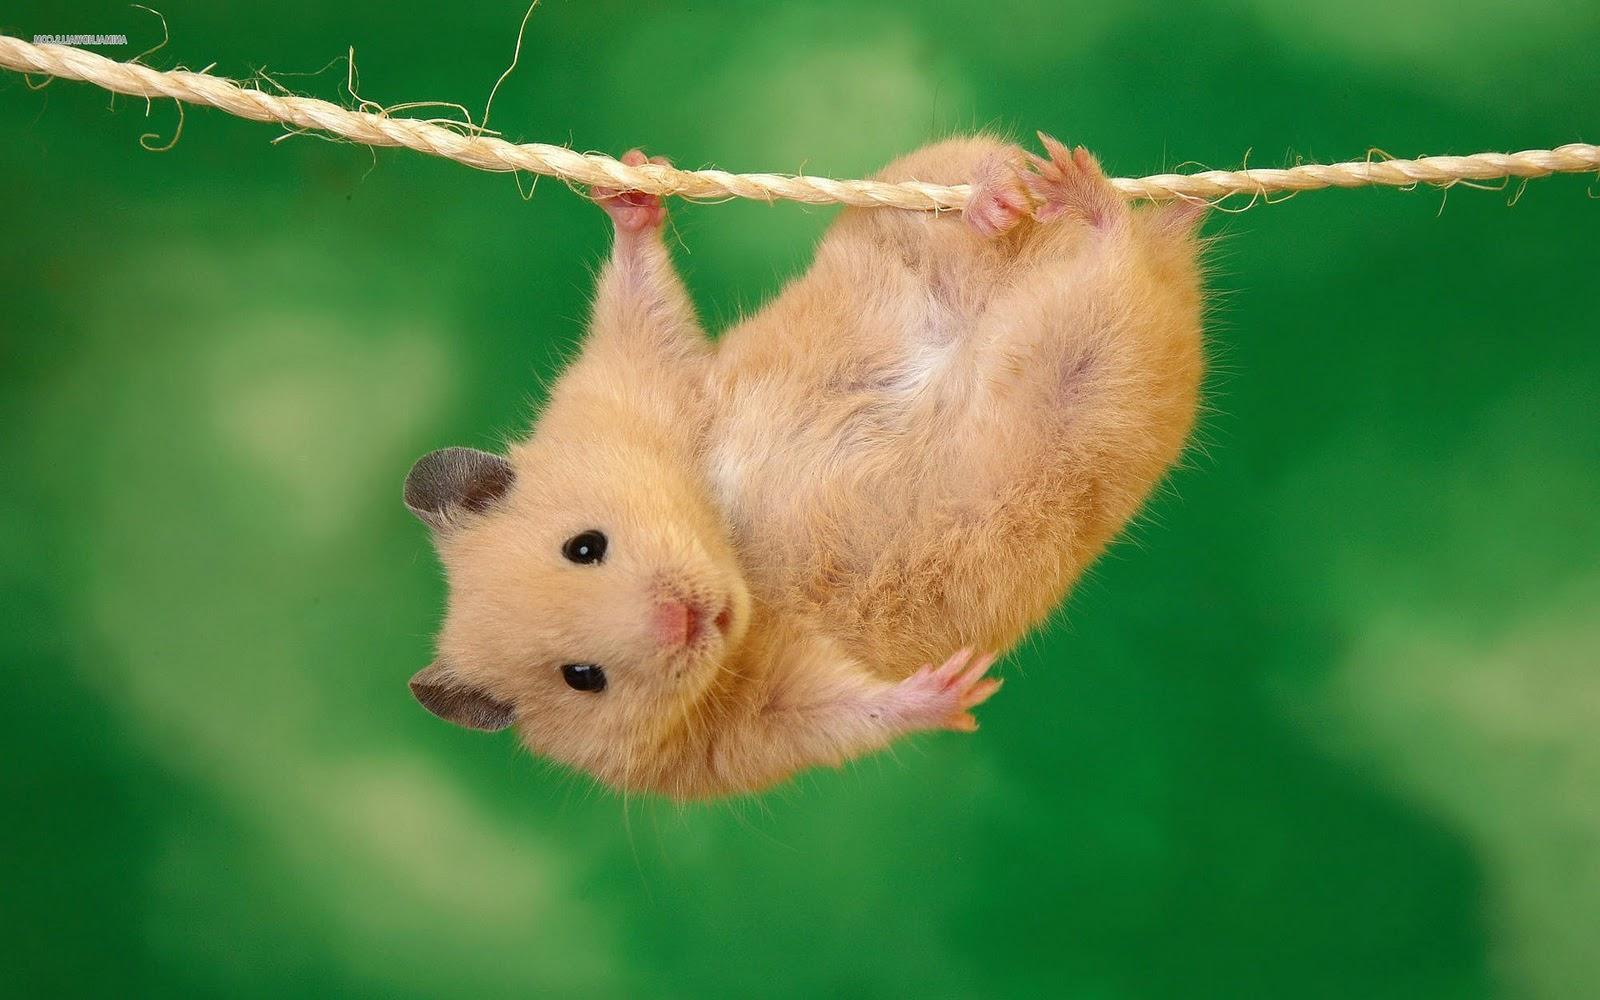 Hamsters achtergronden dieren hd hamster wallpapers foto 9jpg 1600x1000